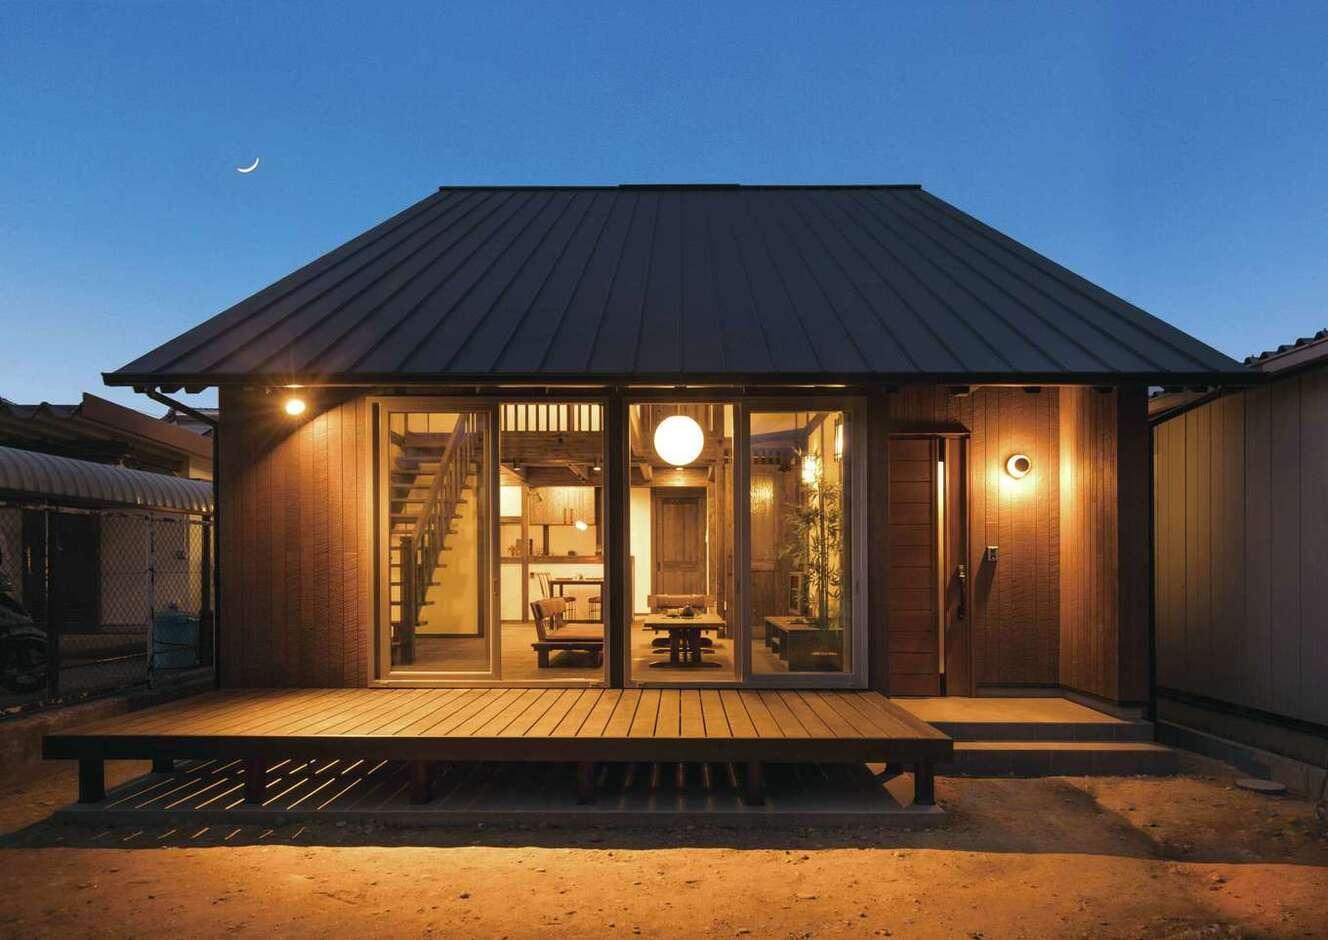 サイエンスホーム甲府店・笛吹店【1000万円台、デザイン住宅、自然素材】一見、平屋のようにも見える大屋根の外観デザイン。どっしりとした安定感もお気に入り。大きなウッドデッキが外と中を曖昧につなぎ、日々の暮らしをより楽しく演出する